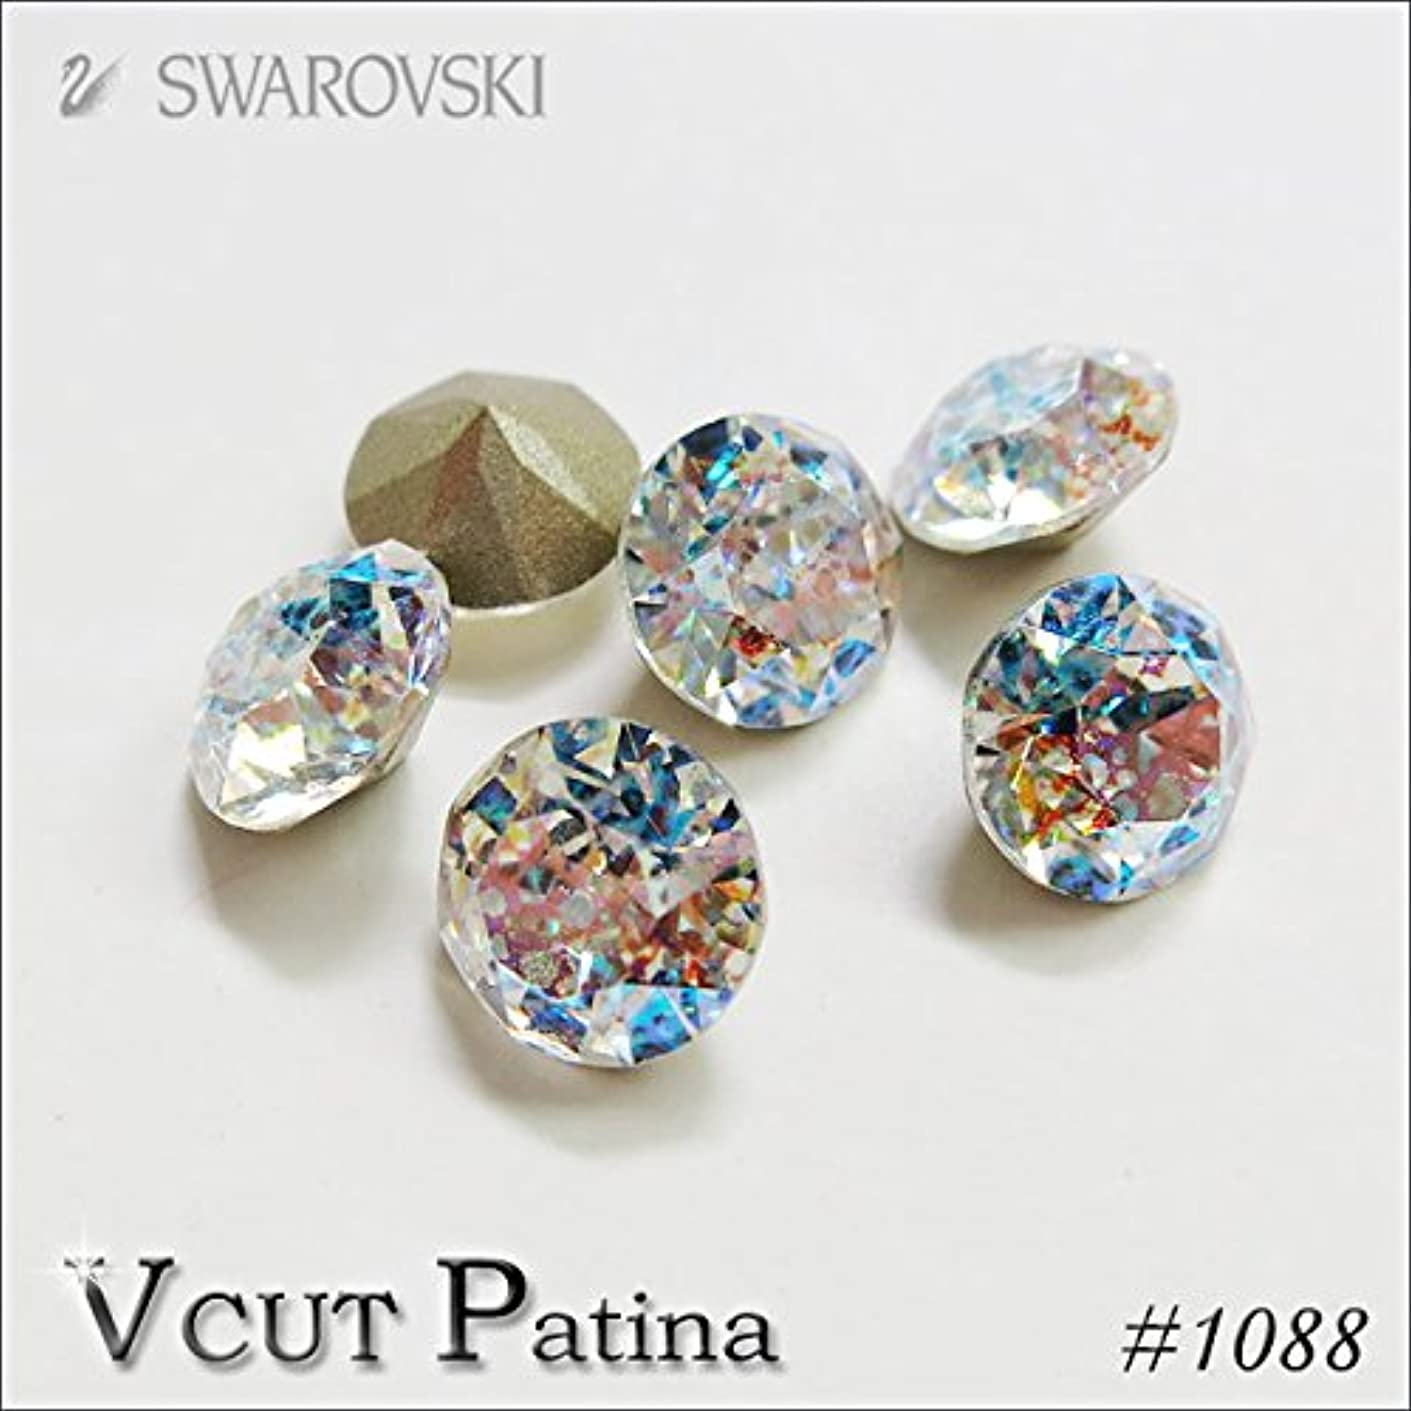 スワロフスキー Vカット(埋込型)#1088 ●パティナシリーズ● クリスタルホワイトパティナ ss24(約5.2mm) 4粒入